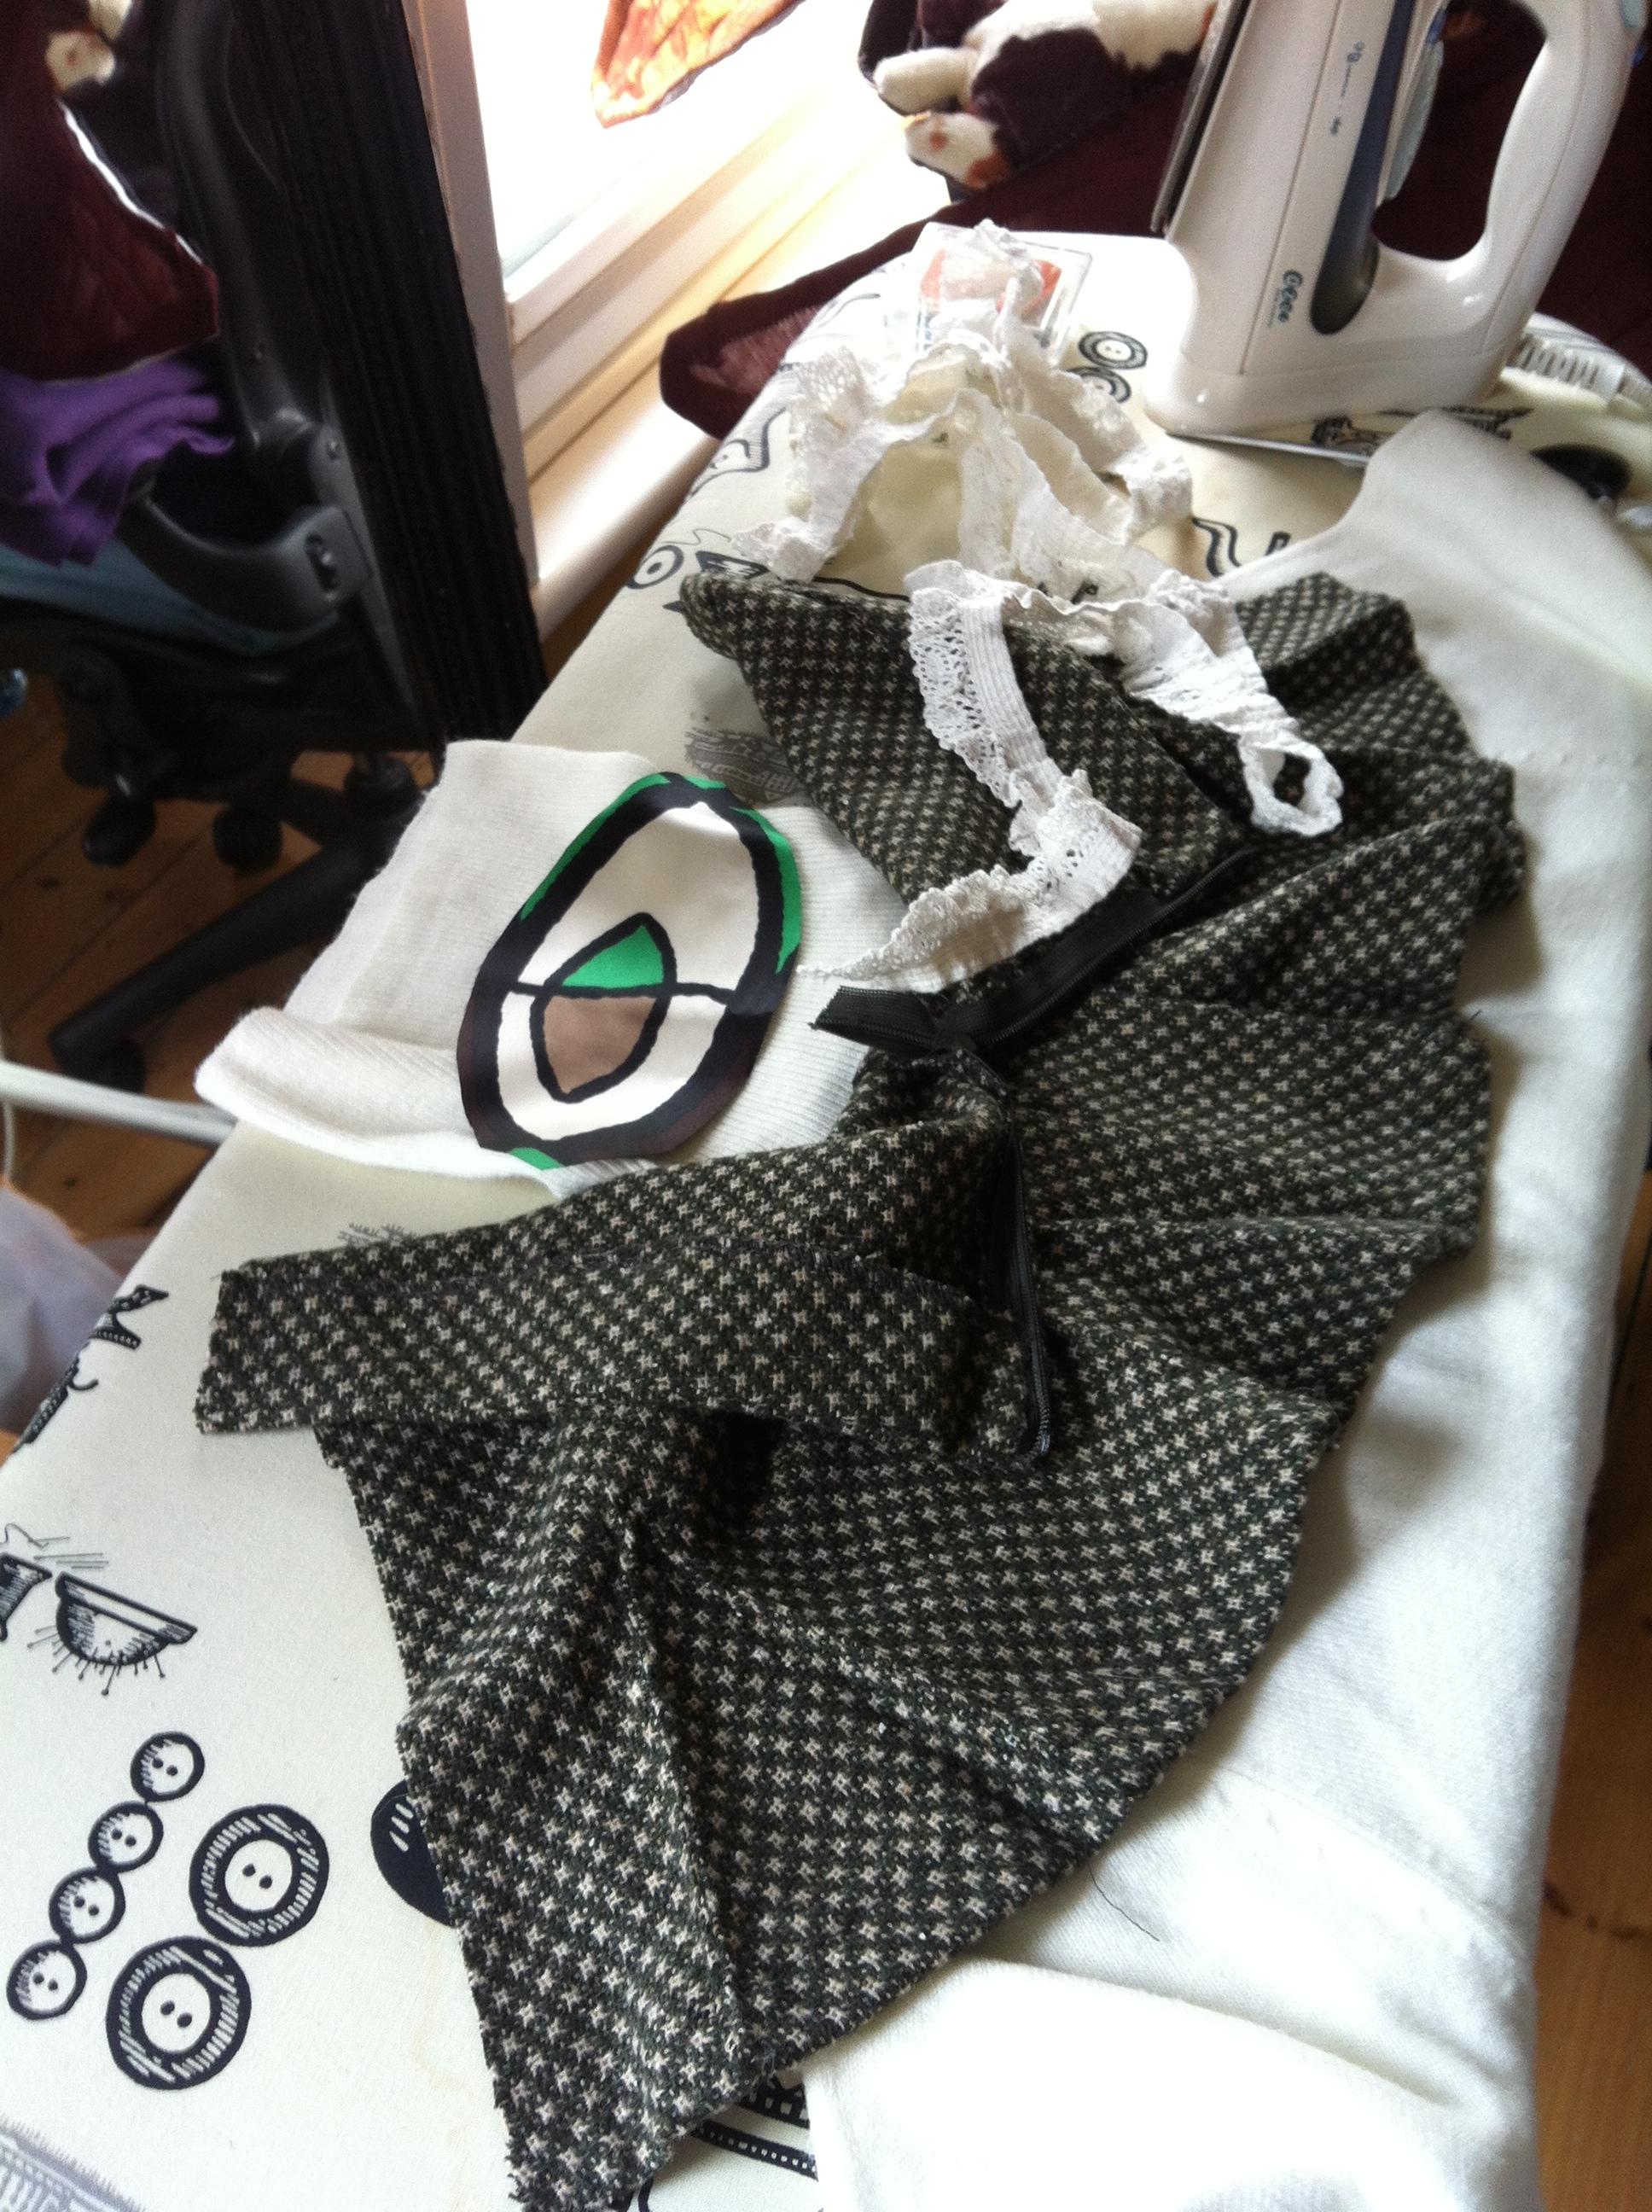 Recycling a mini skirt